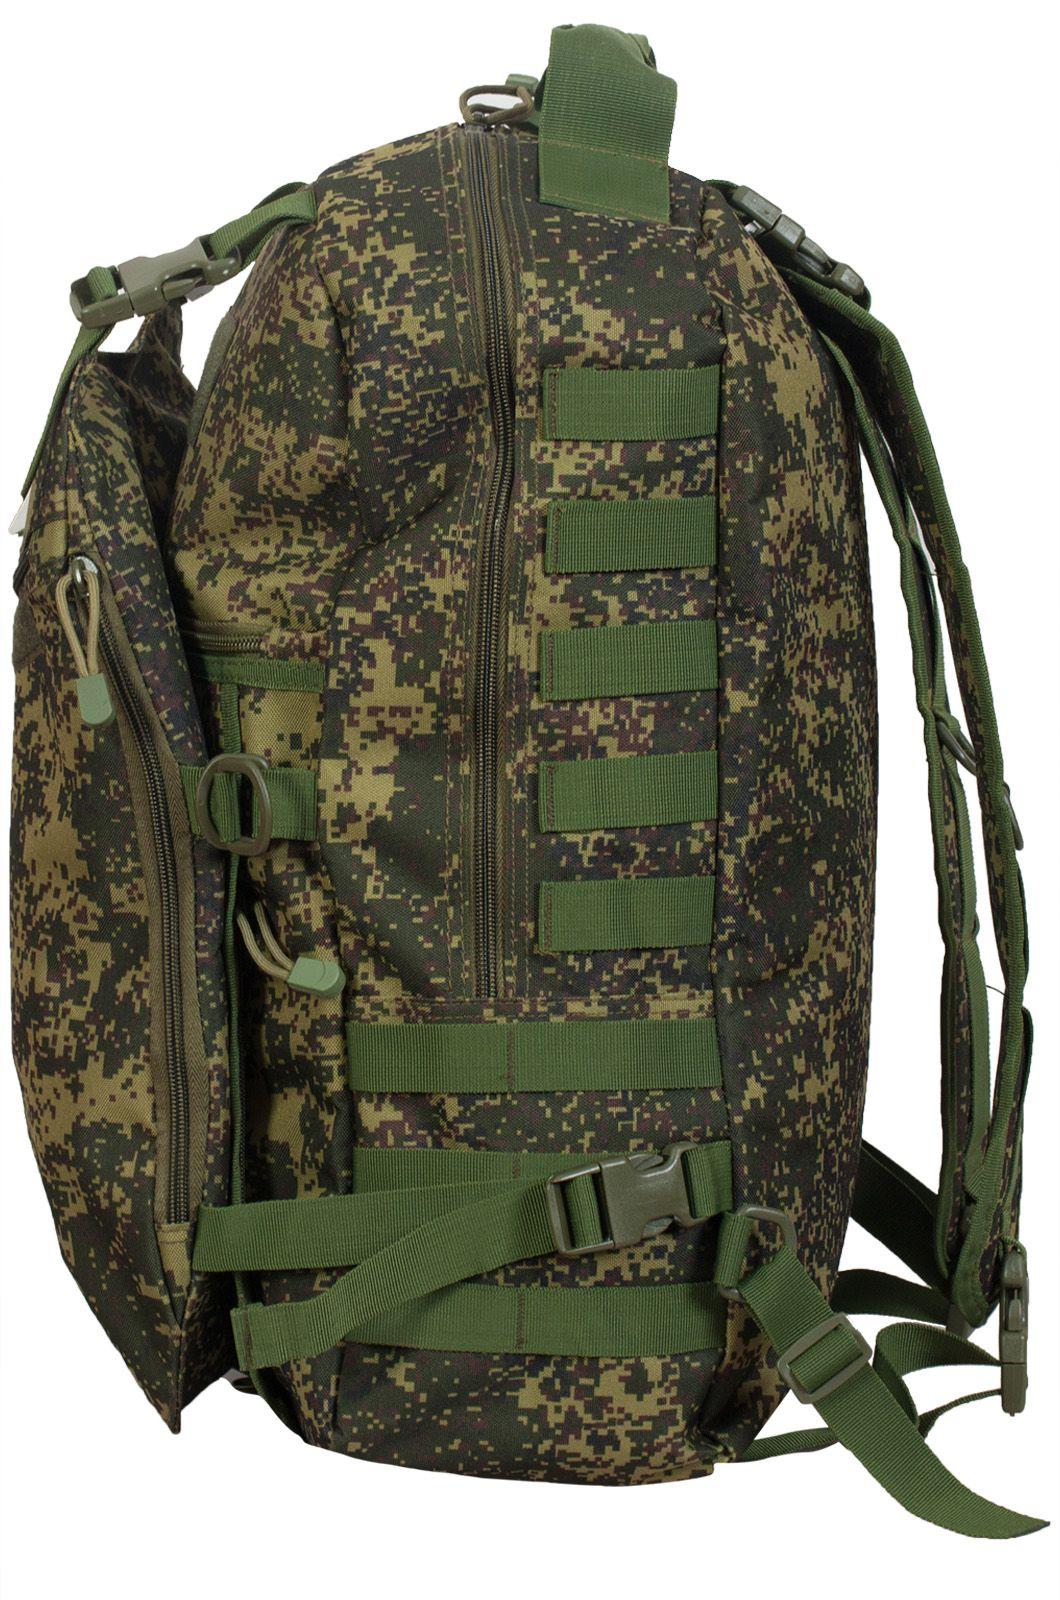 Надежный мужской рюкзак с нашивкой Ни Пуха ни Пера - купить в розницу